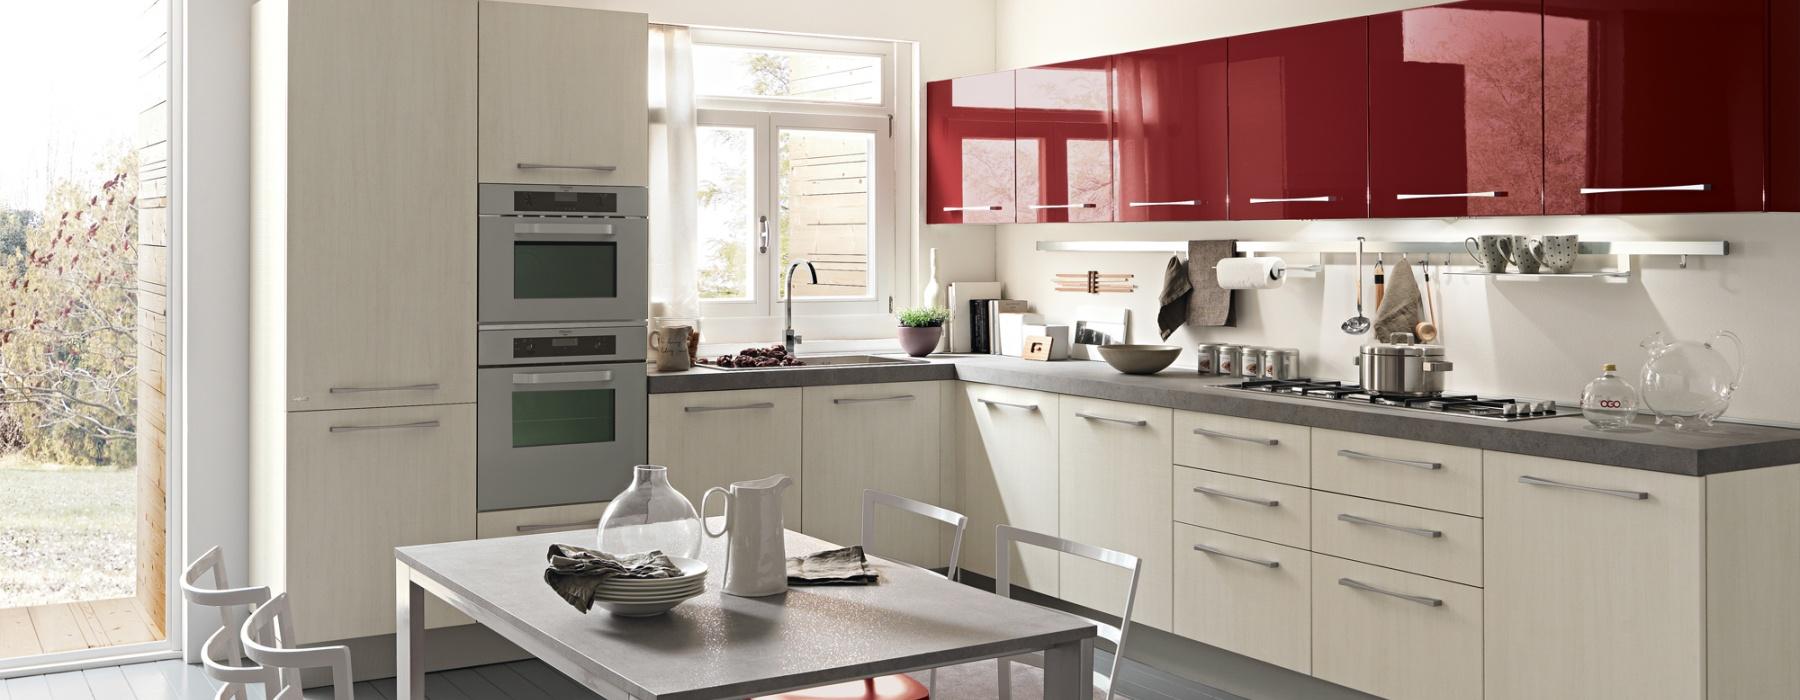 Cucine da rinnovare? Idee e suggerimenti per ispirarvi nell'arredo